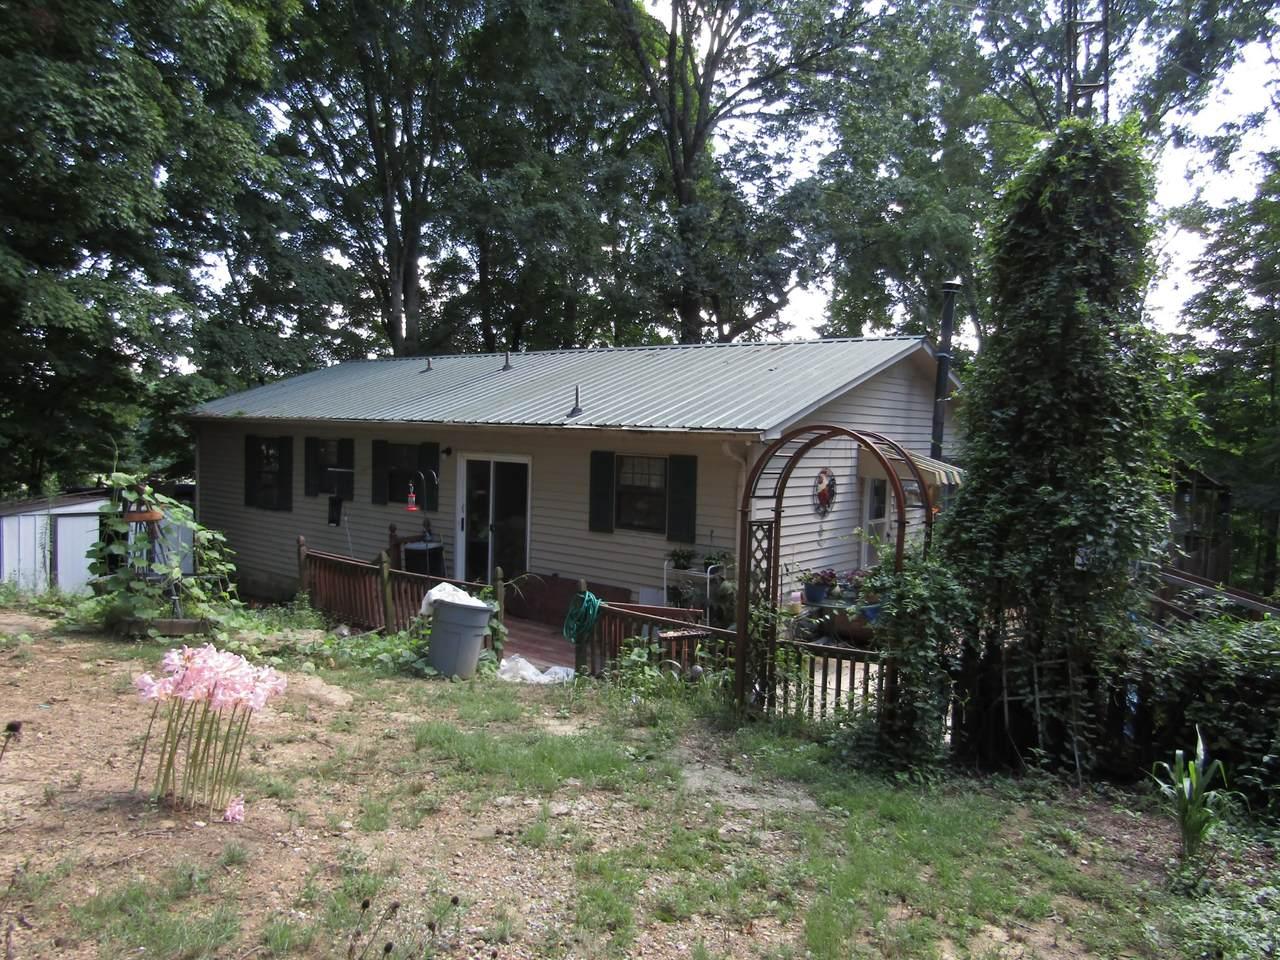 263 Willow Grove Church Rd - Photo 1